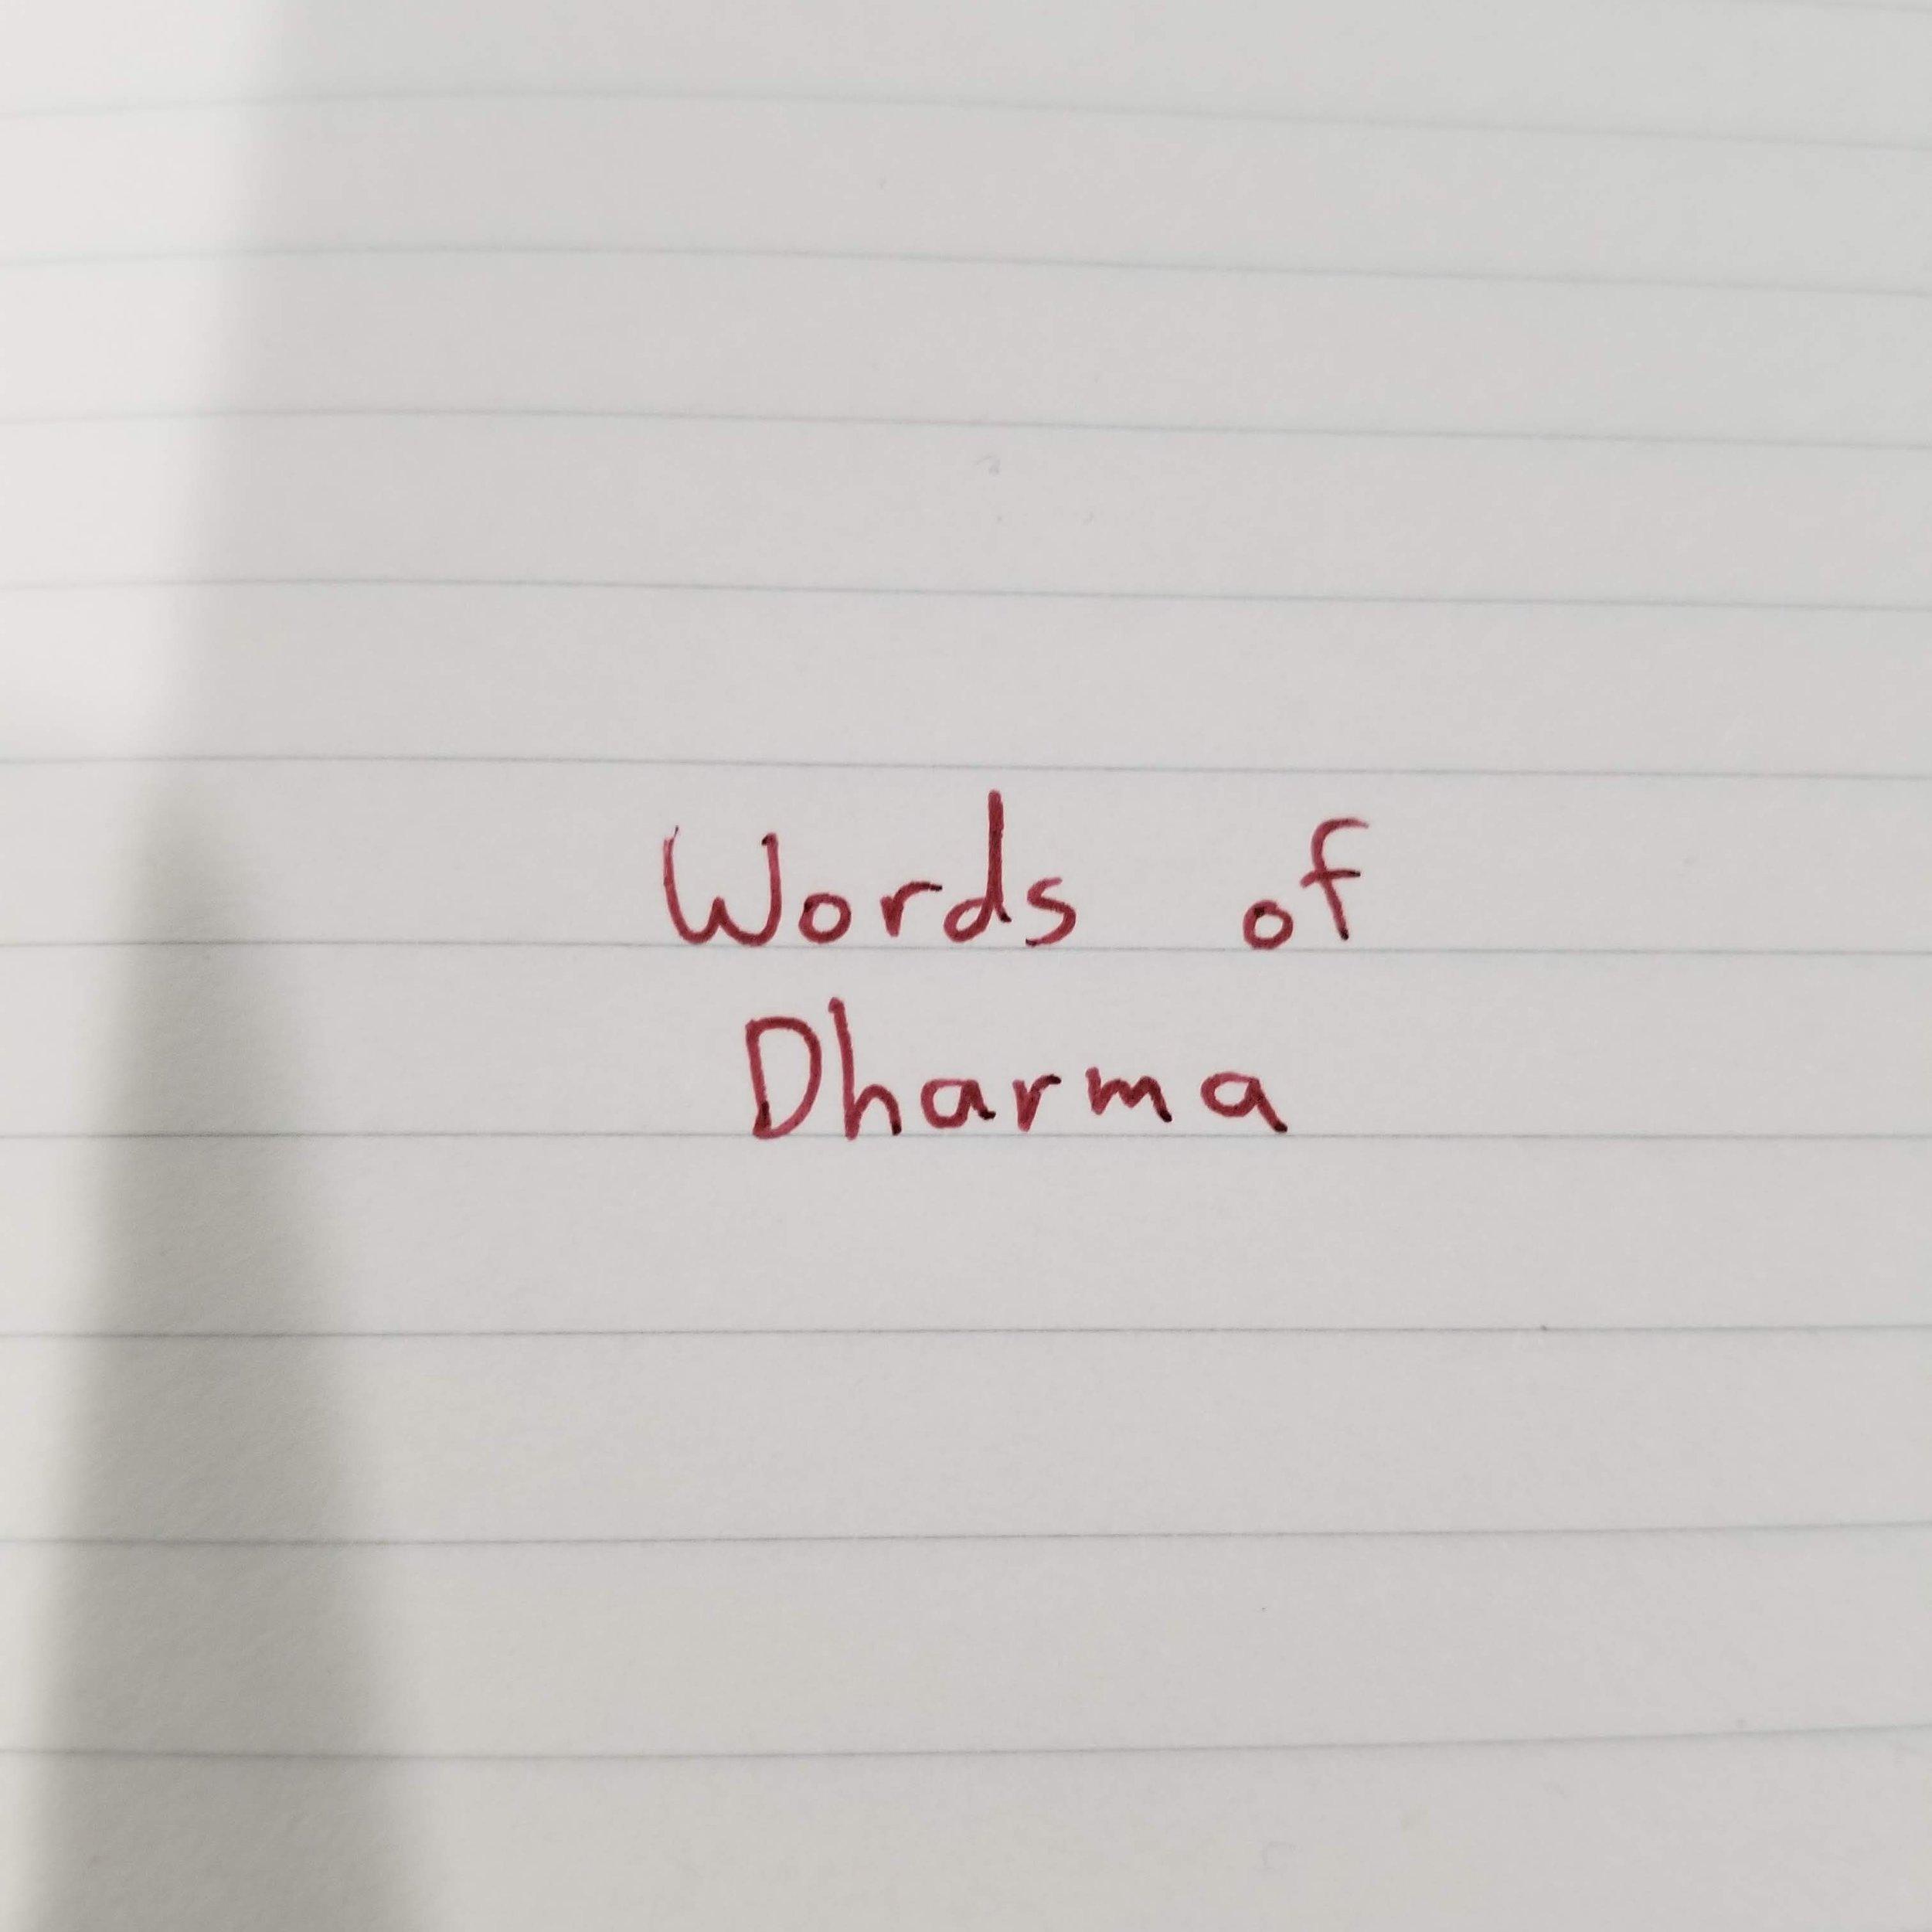 Words of Dharma